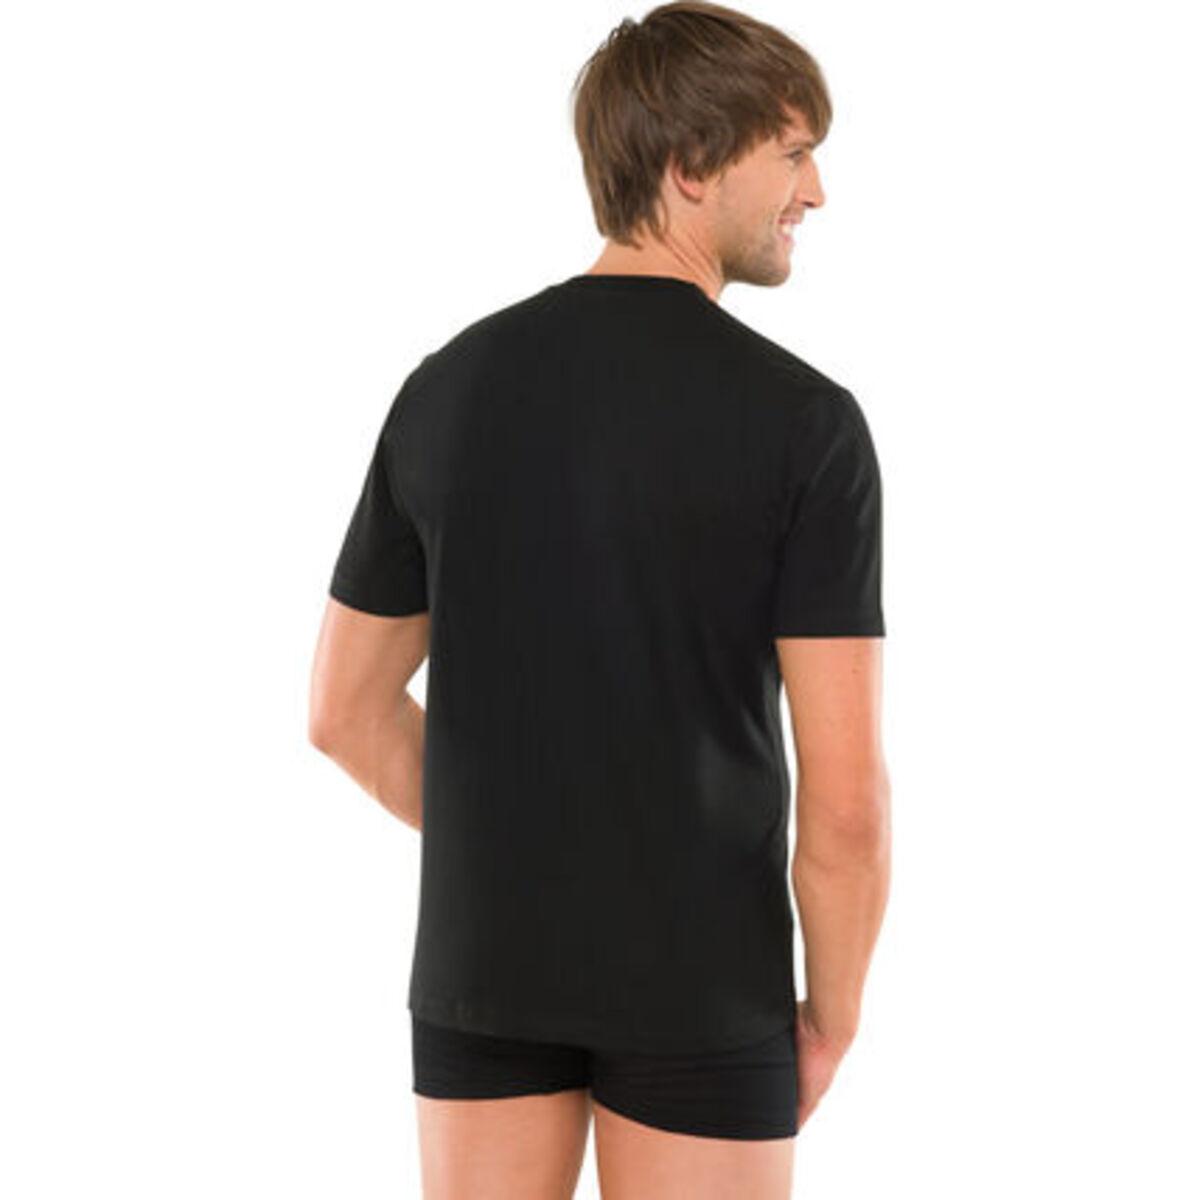 Bild 2 von Schiesser American T-Shirt, 2er-Pack, Rundhalsausschnitt, für Herren